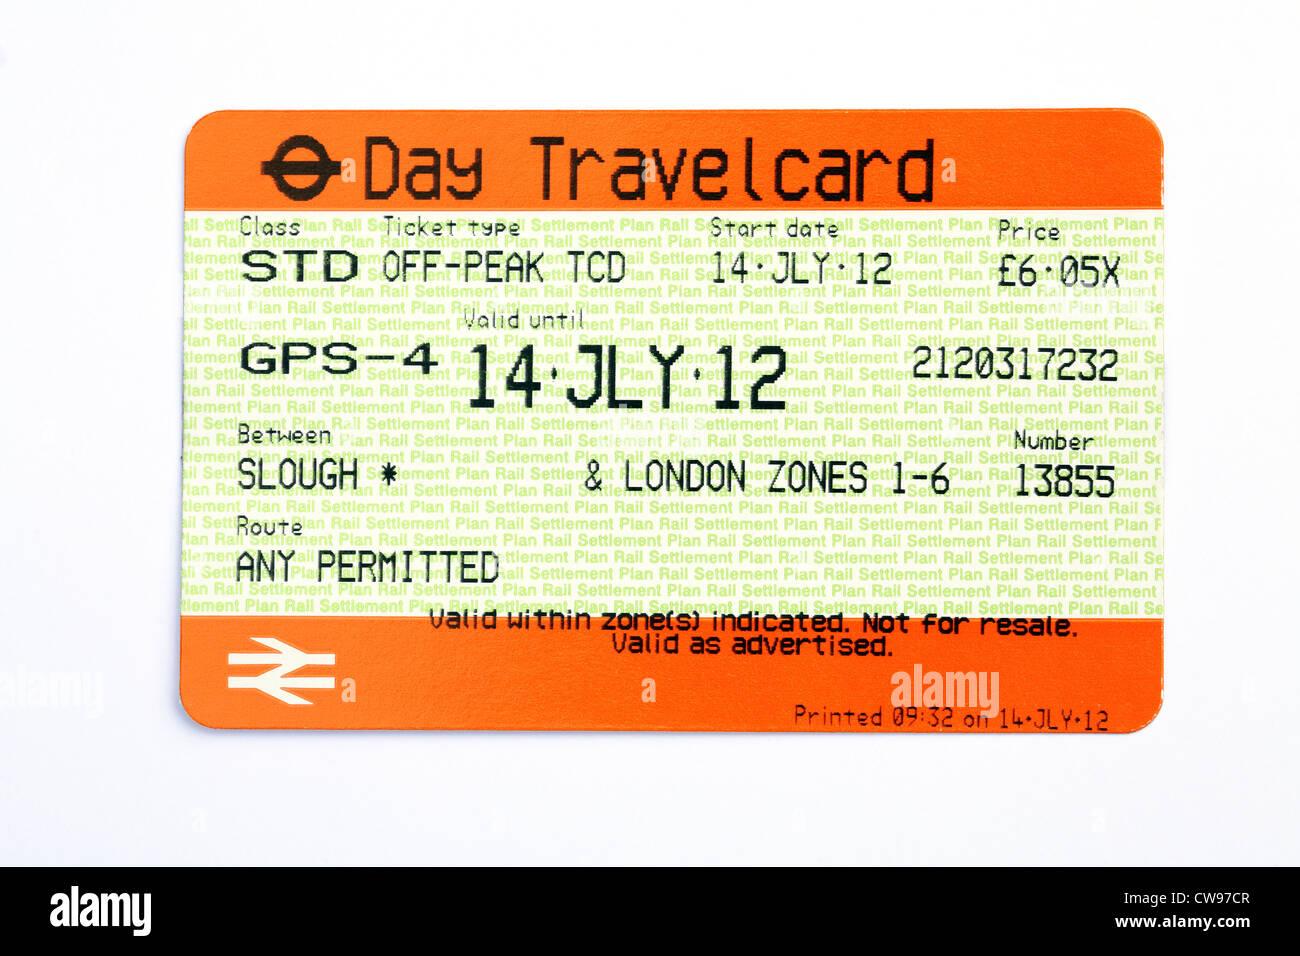 Une carte de voyage de la journée de pointe pour billet de train la route entre Slough et Londres, juillet Photo Stock